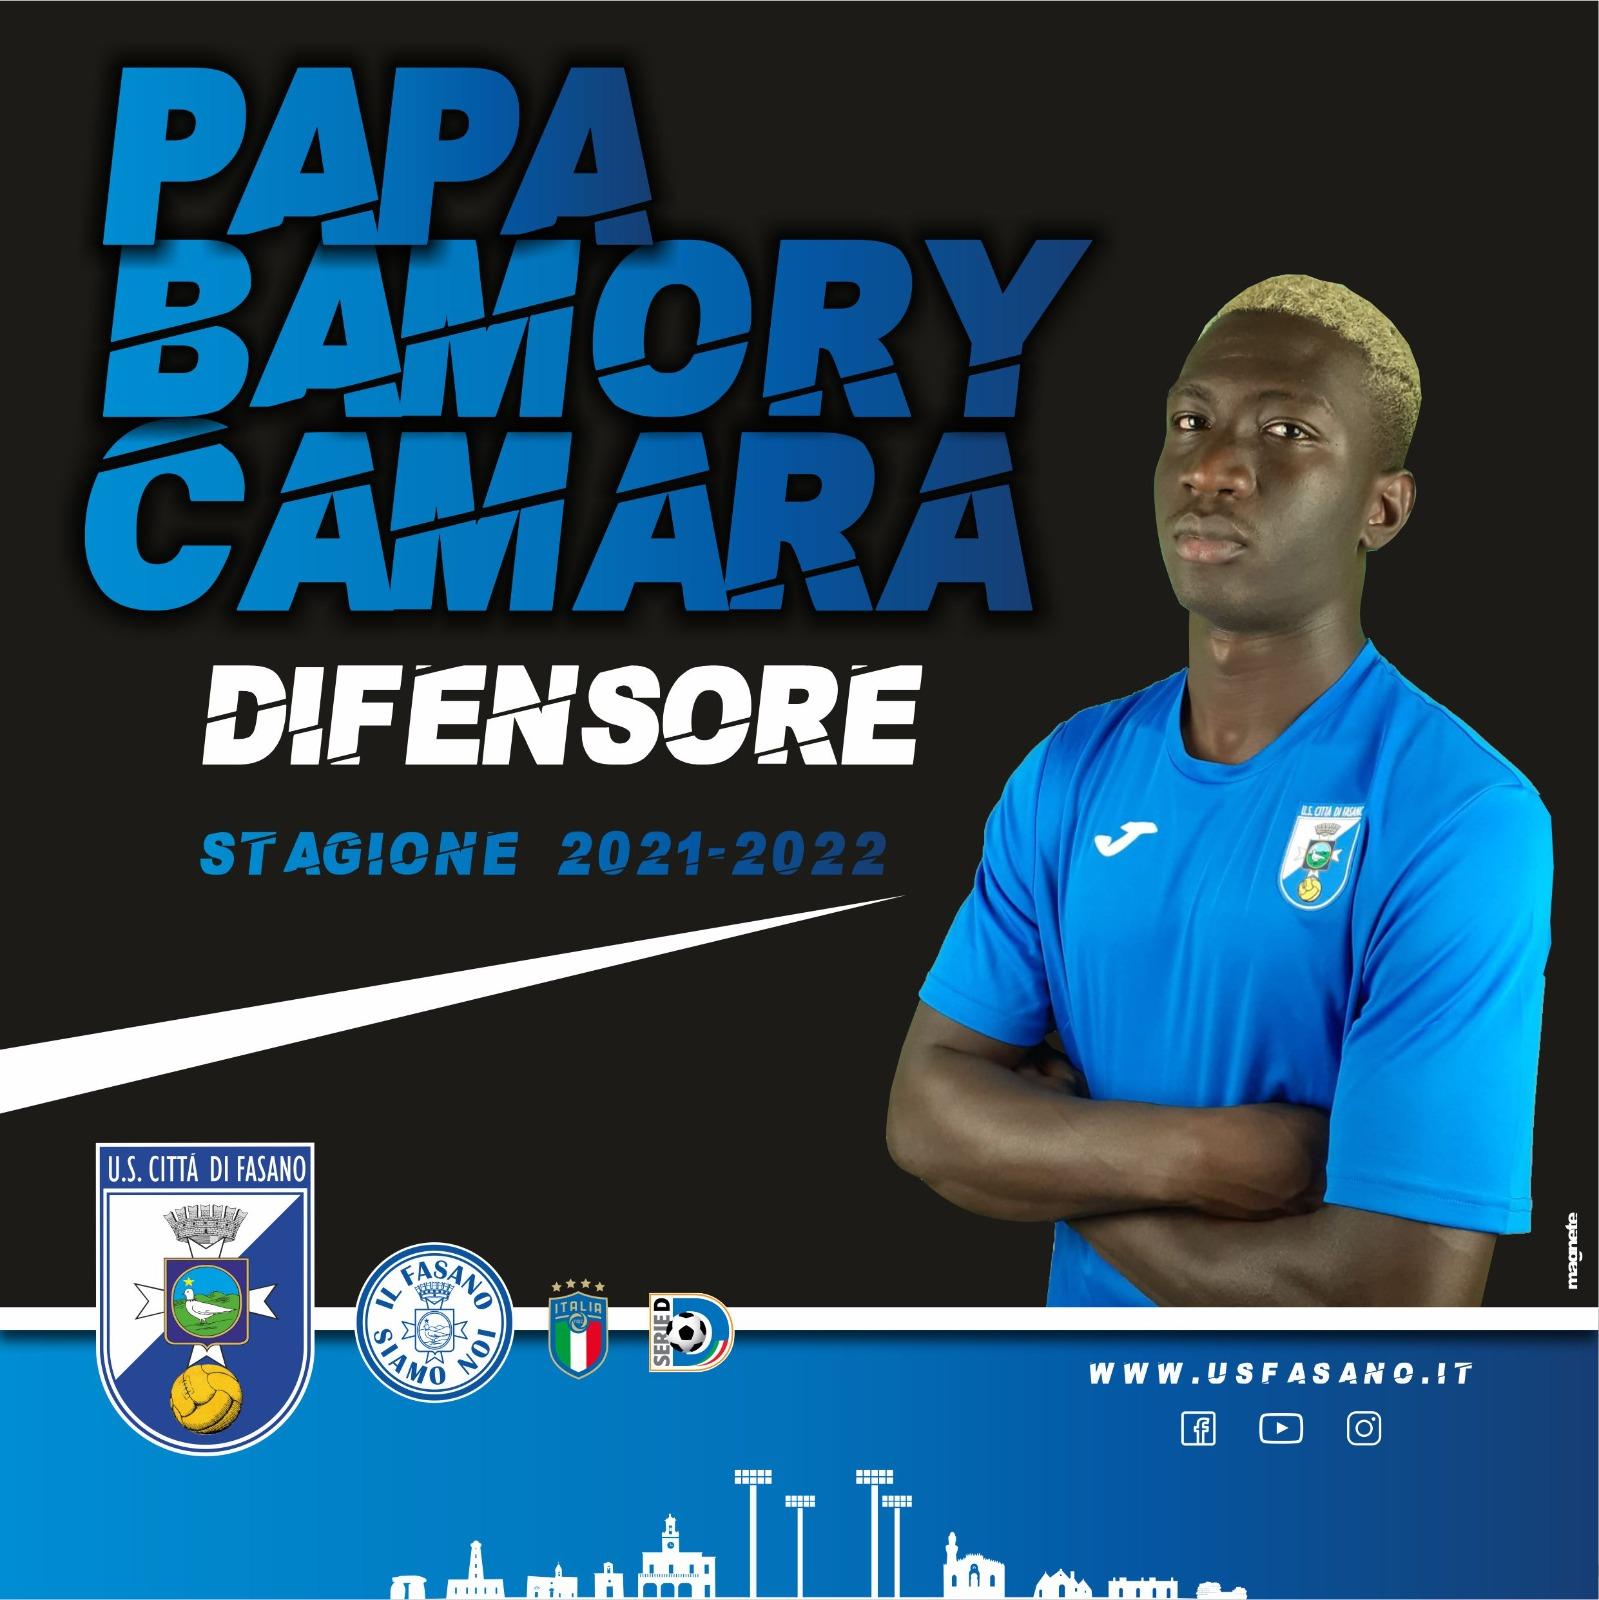 El defensa central Papa Camara ha renovado por el US Città di Fasano. Llegó en invierno, jugó 16 partidos y marcó 2 goles.